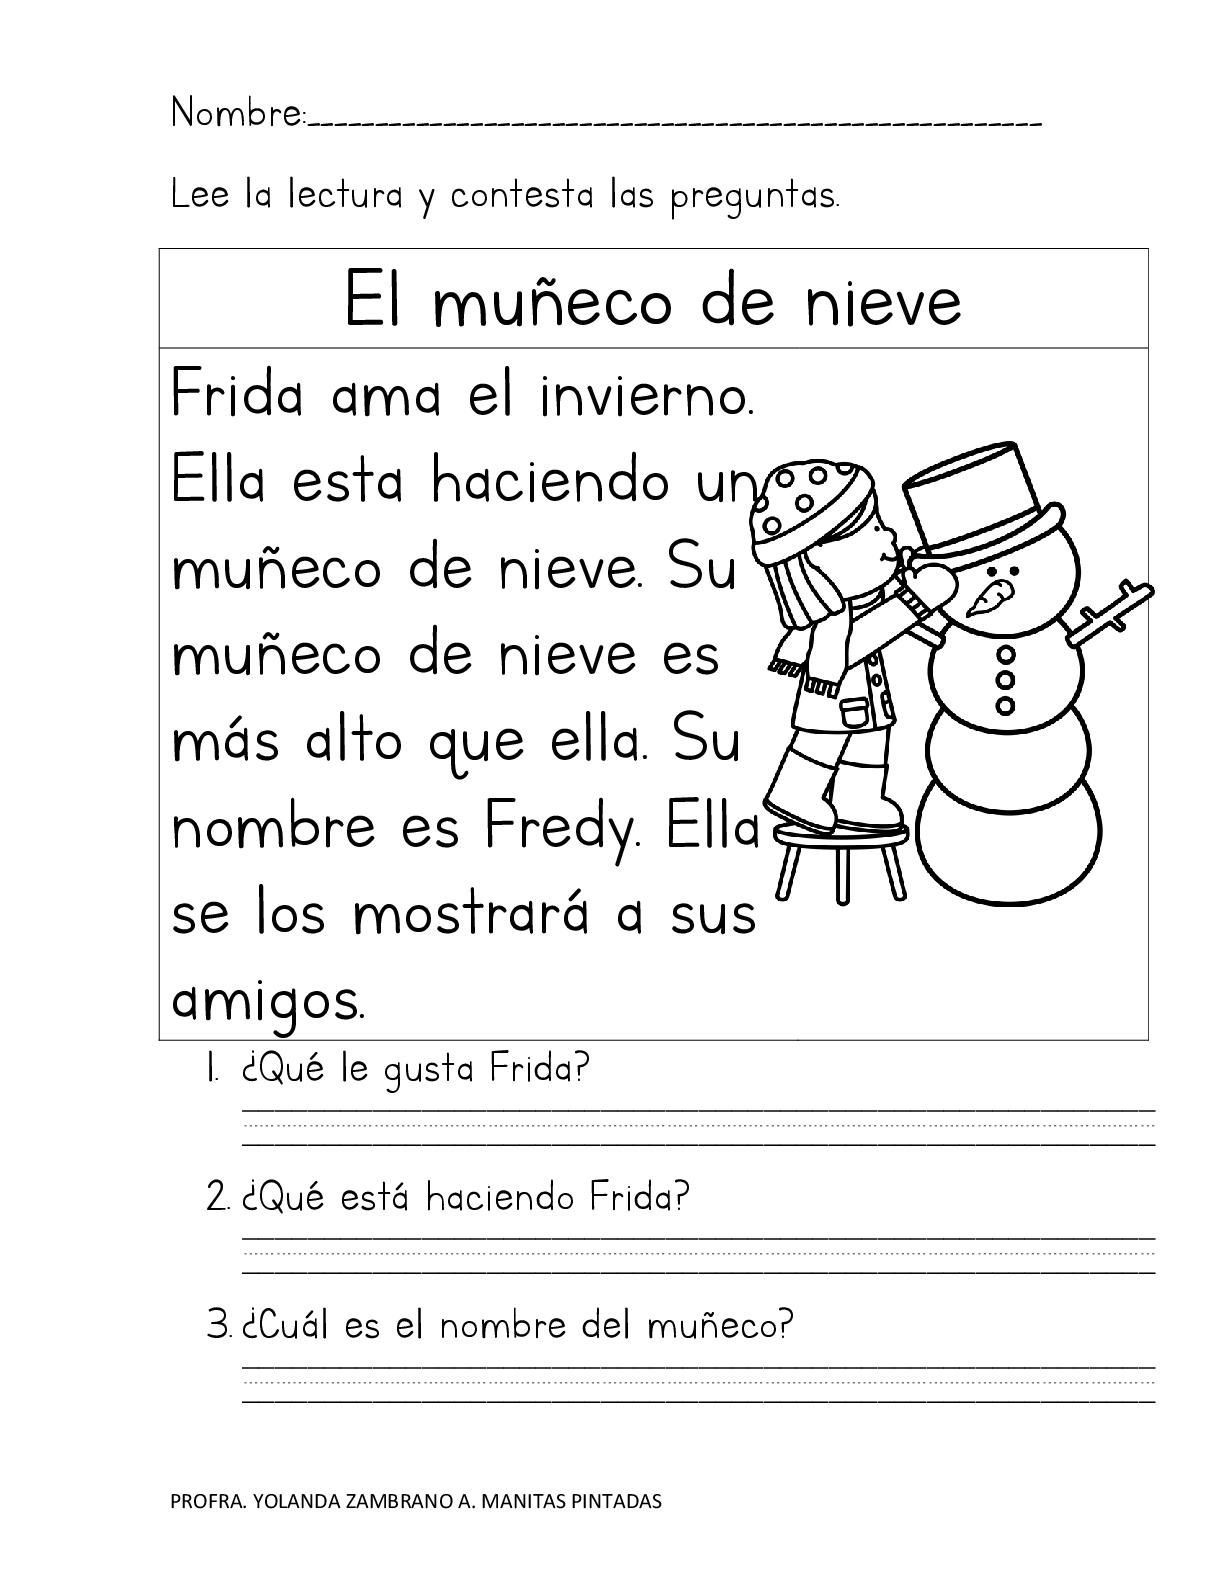 actividades de comprension lectora para 7 grado pdf